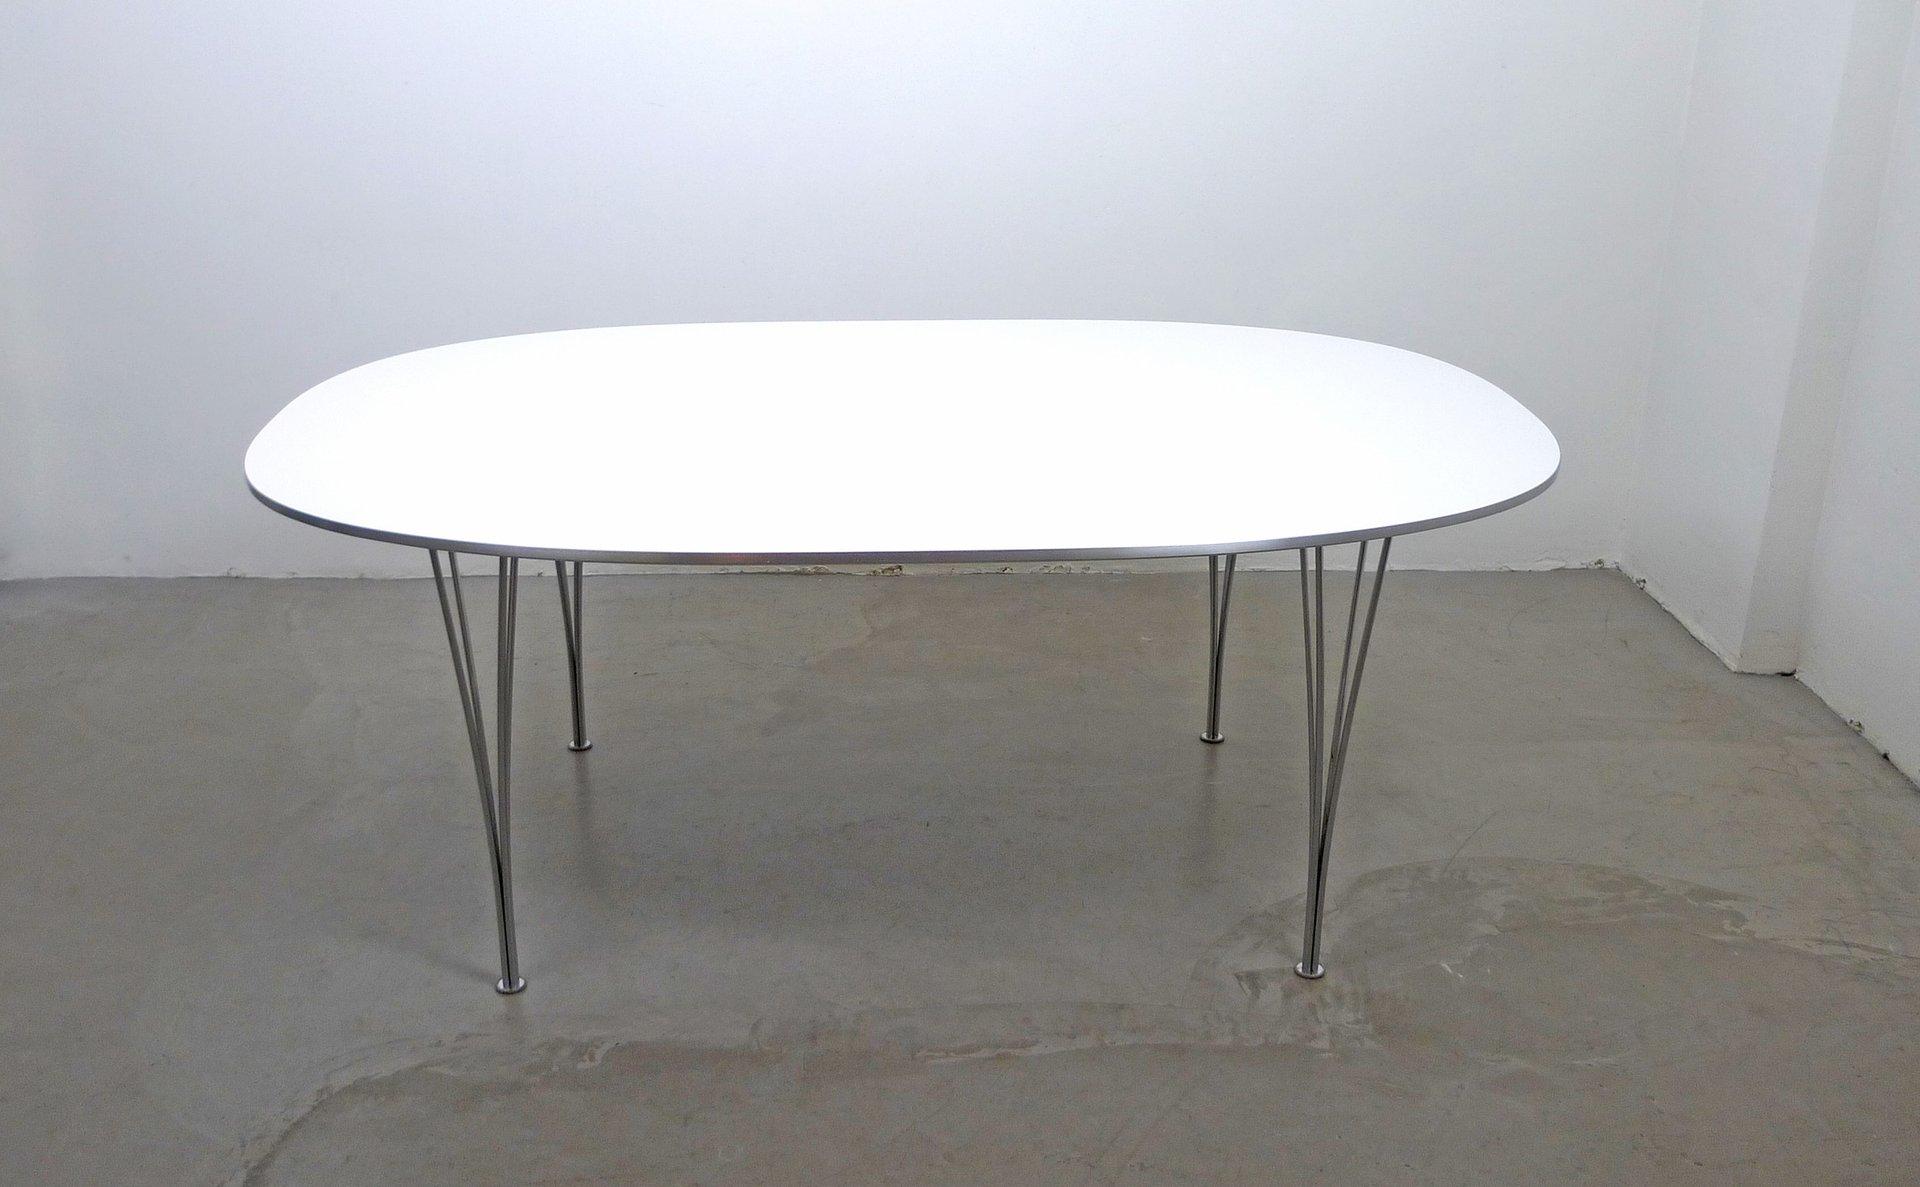 Scandinavian Modern Elliptical Table by Piet Hein Bruno Mathsson